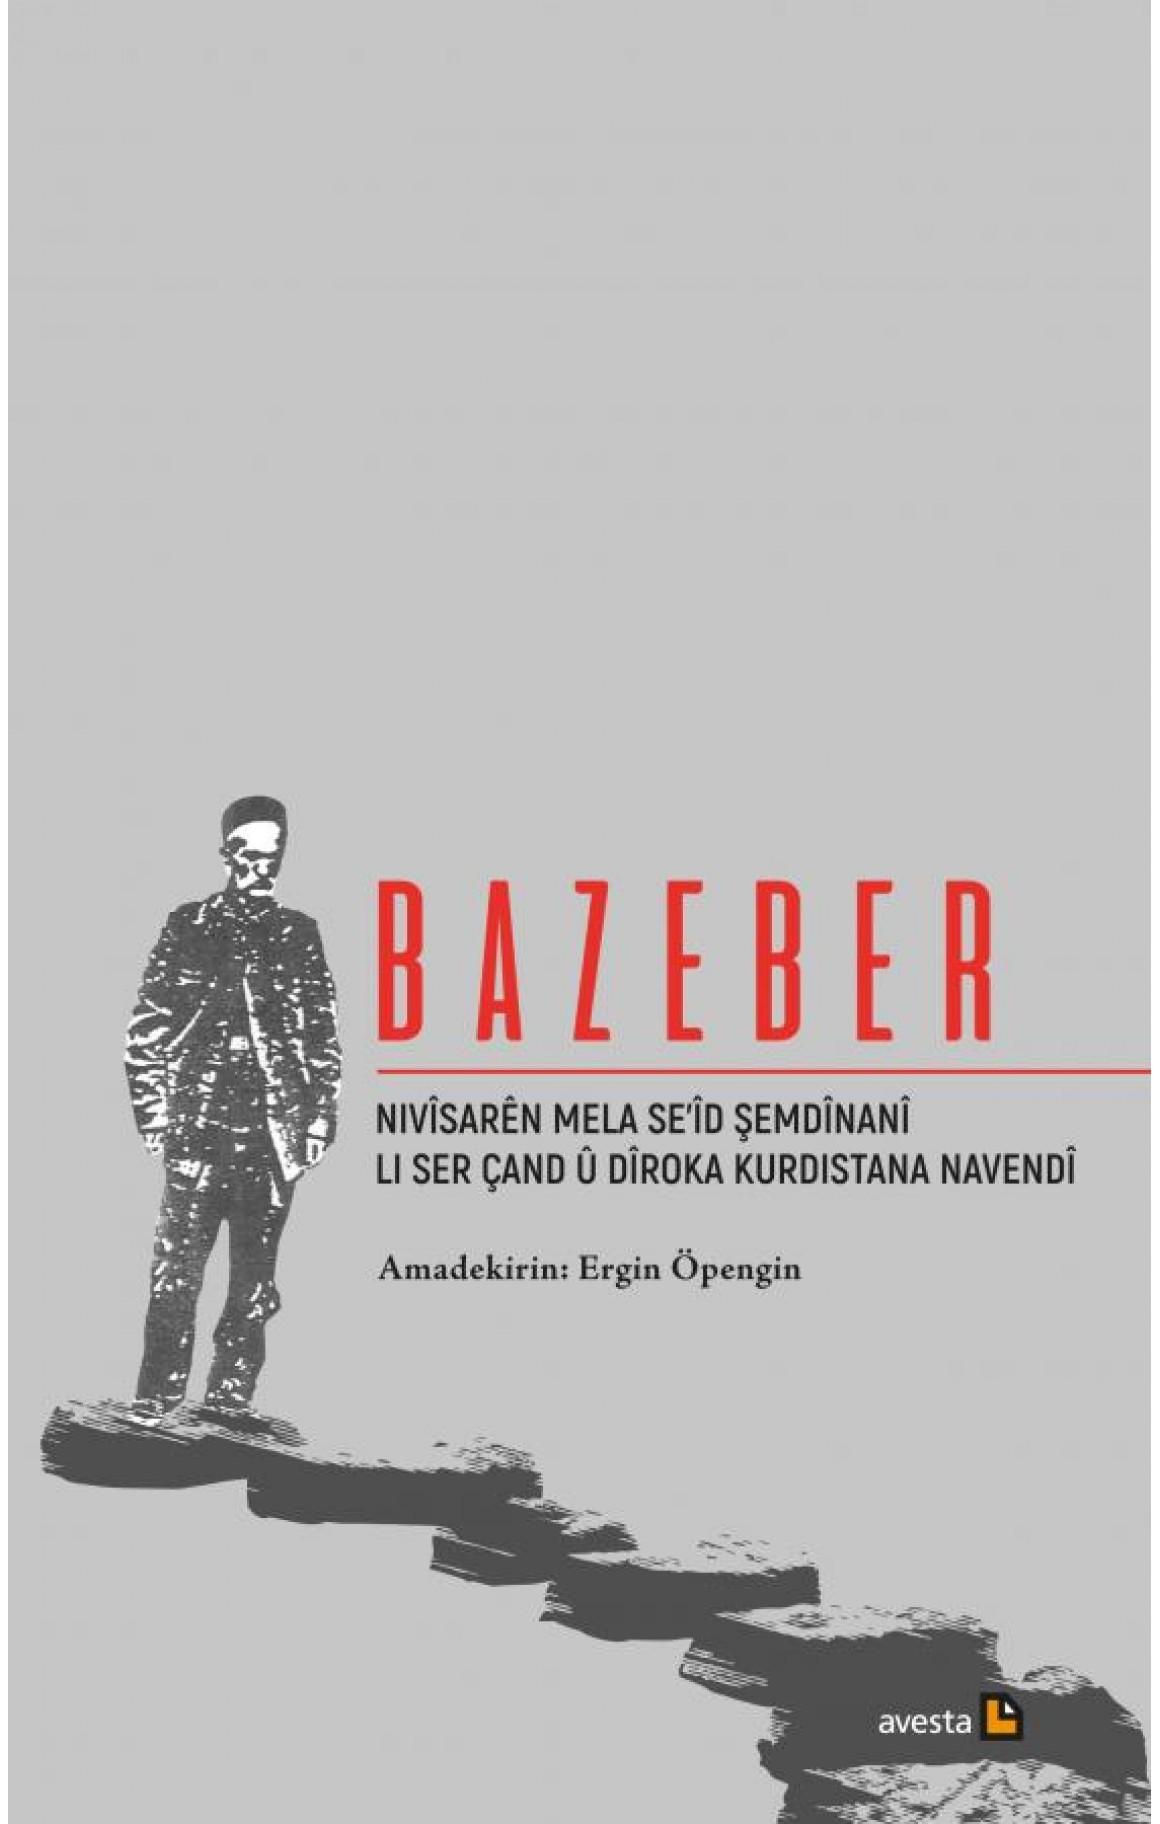 Bazeber